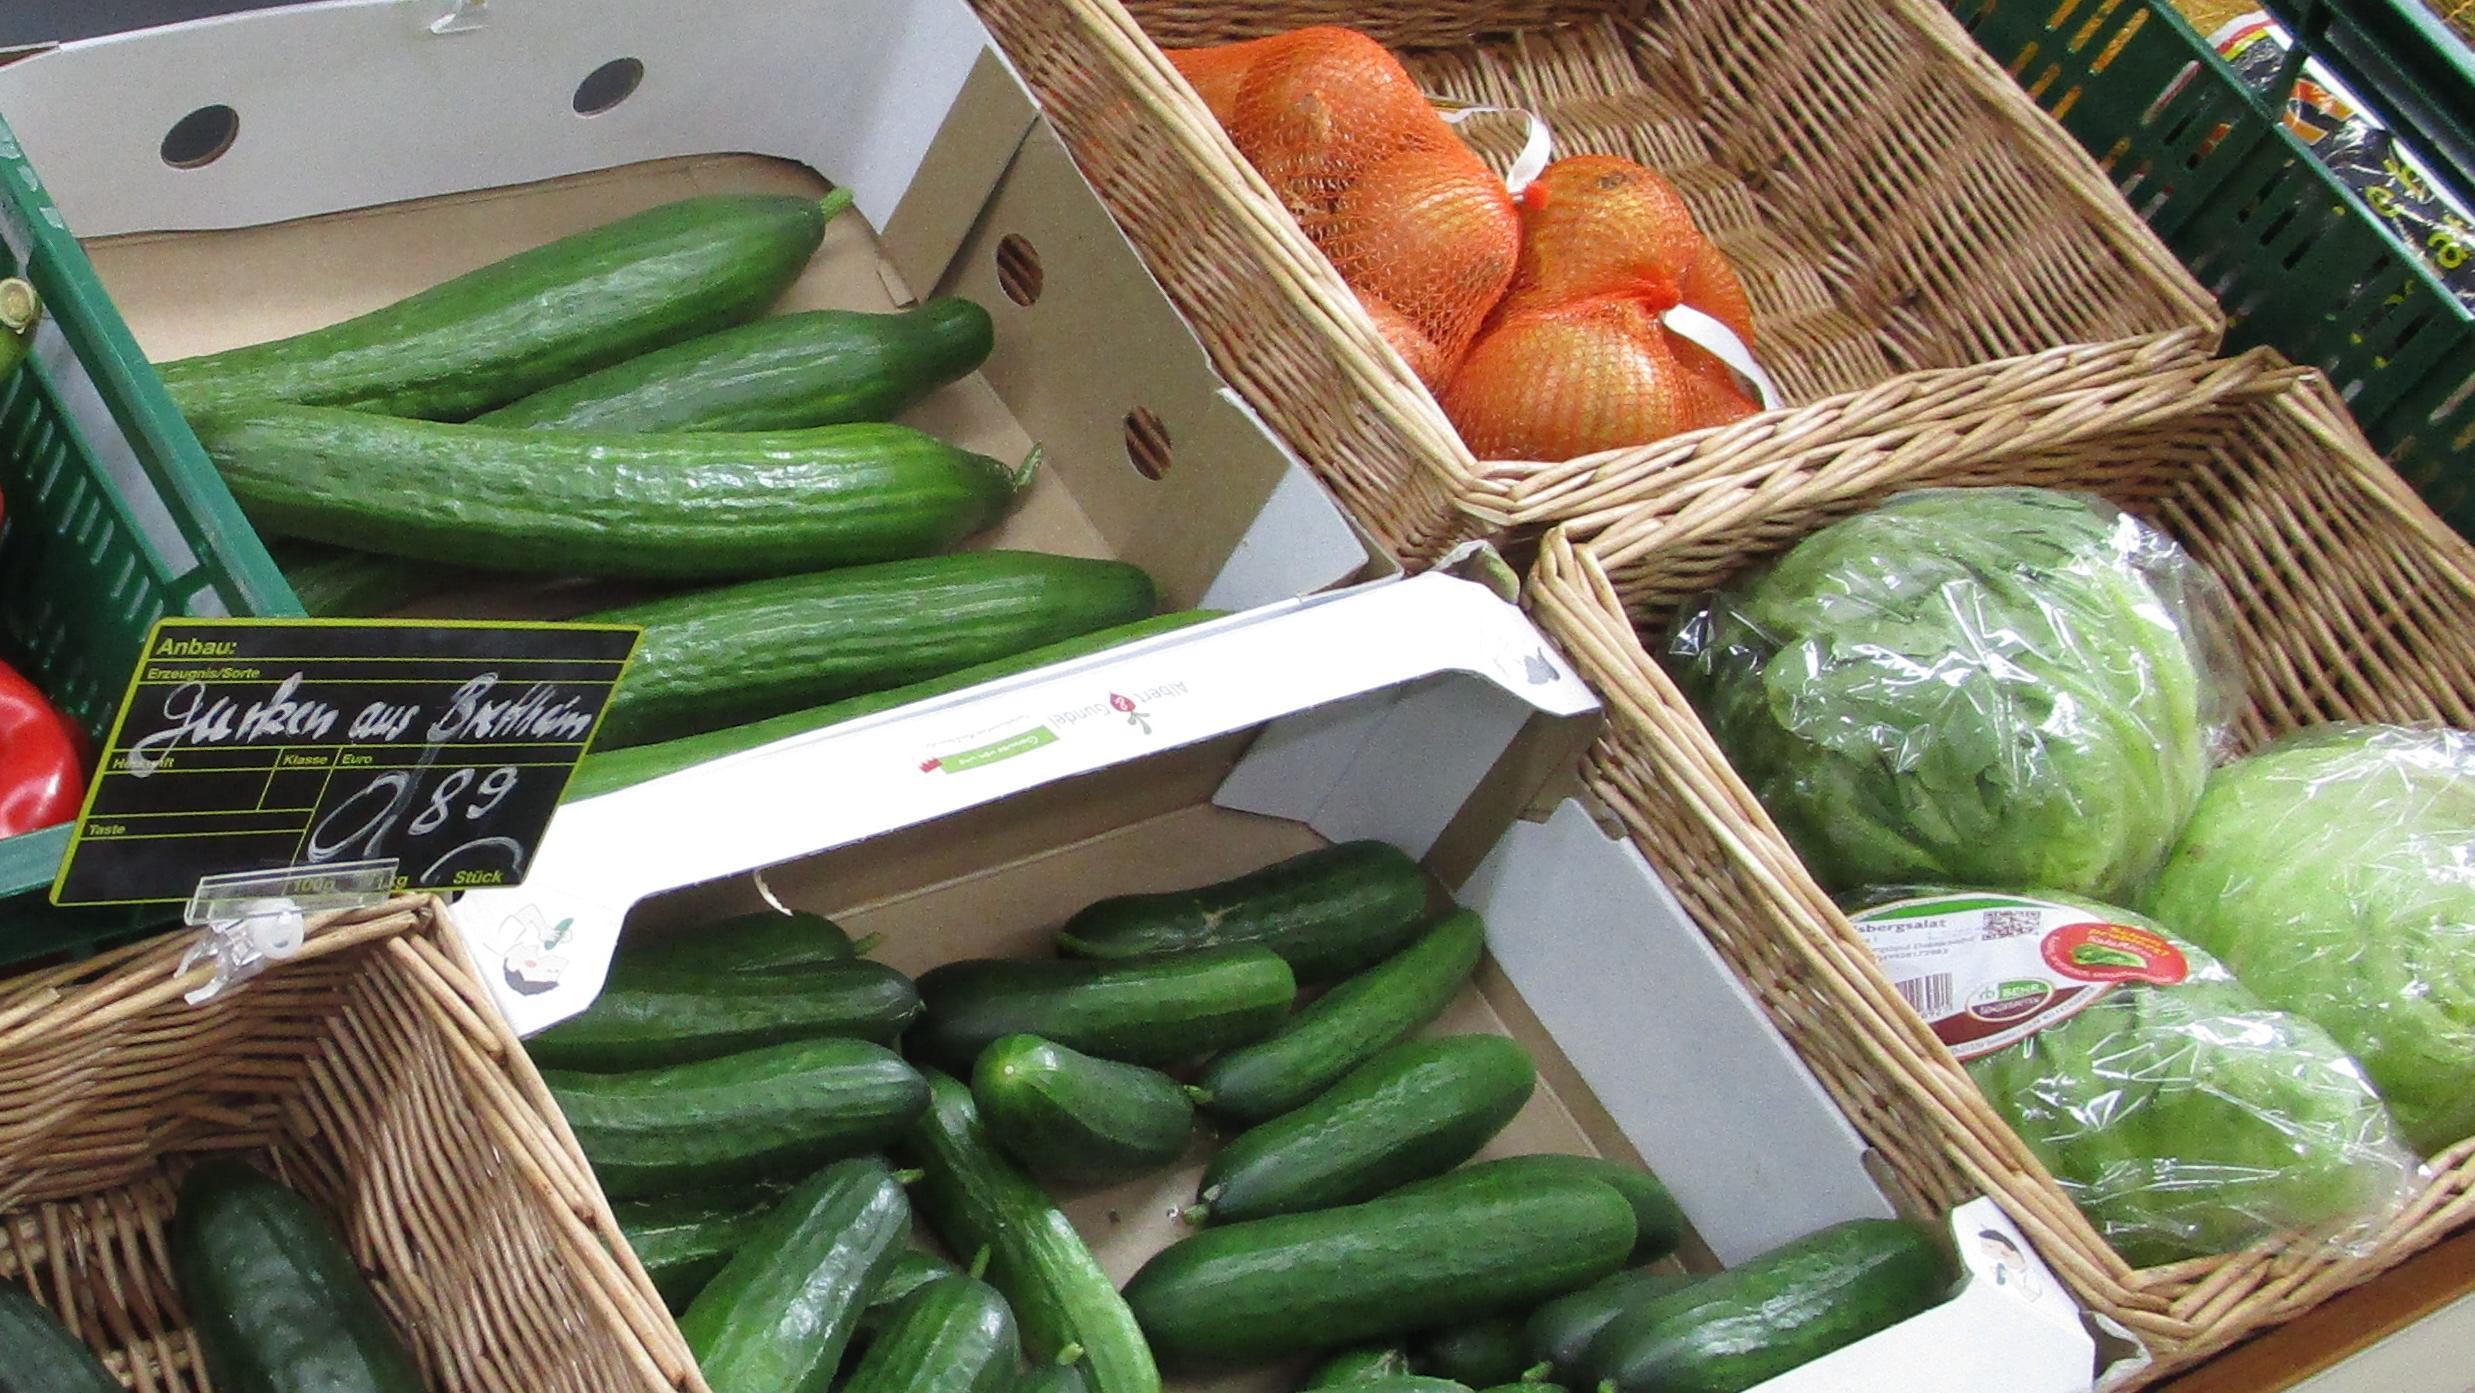 Gemüsetheke in einem Dorfladen (Symbolbild)